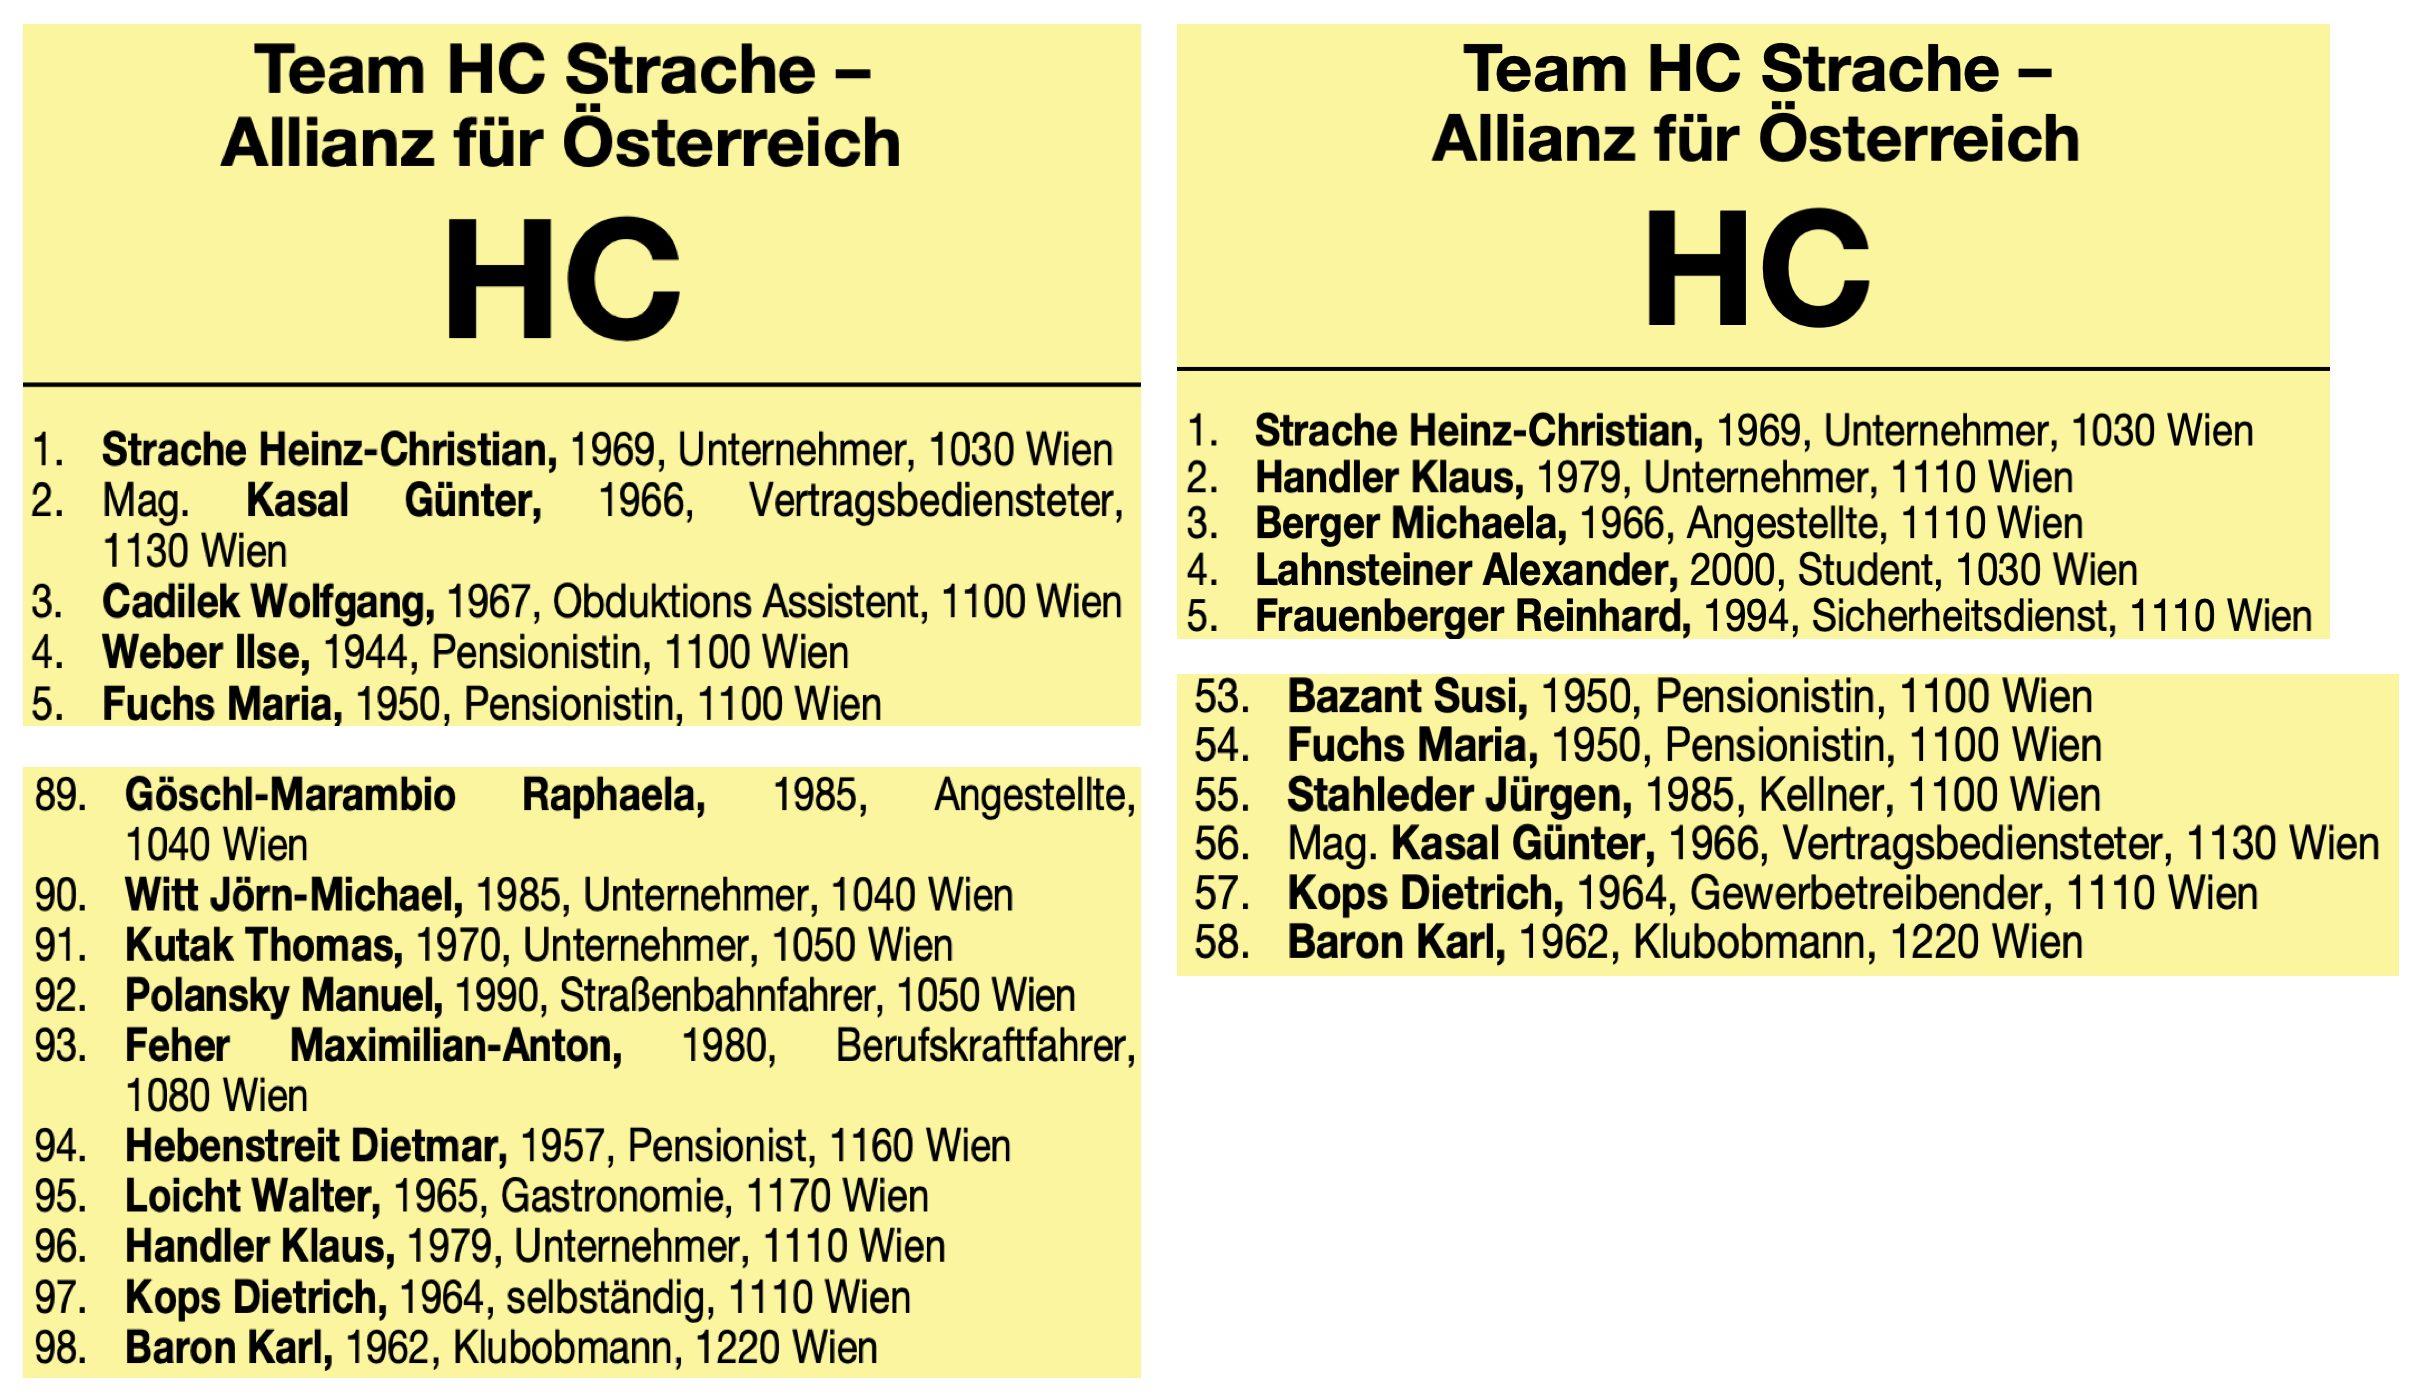 Strache Spitzenkandidat in allen 23 Bezirken mit aufgefüllten Listen (hier 10. Bezirk und 11. Bezirk)